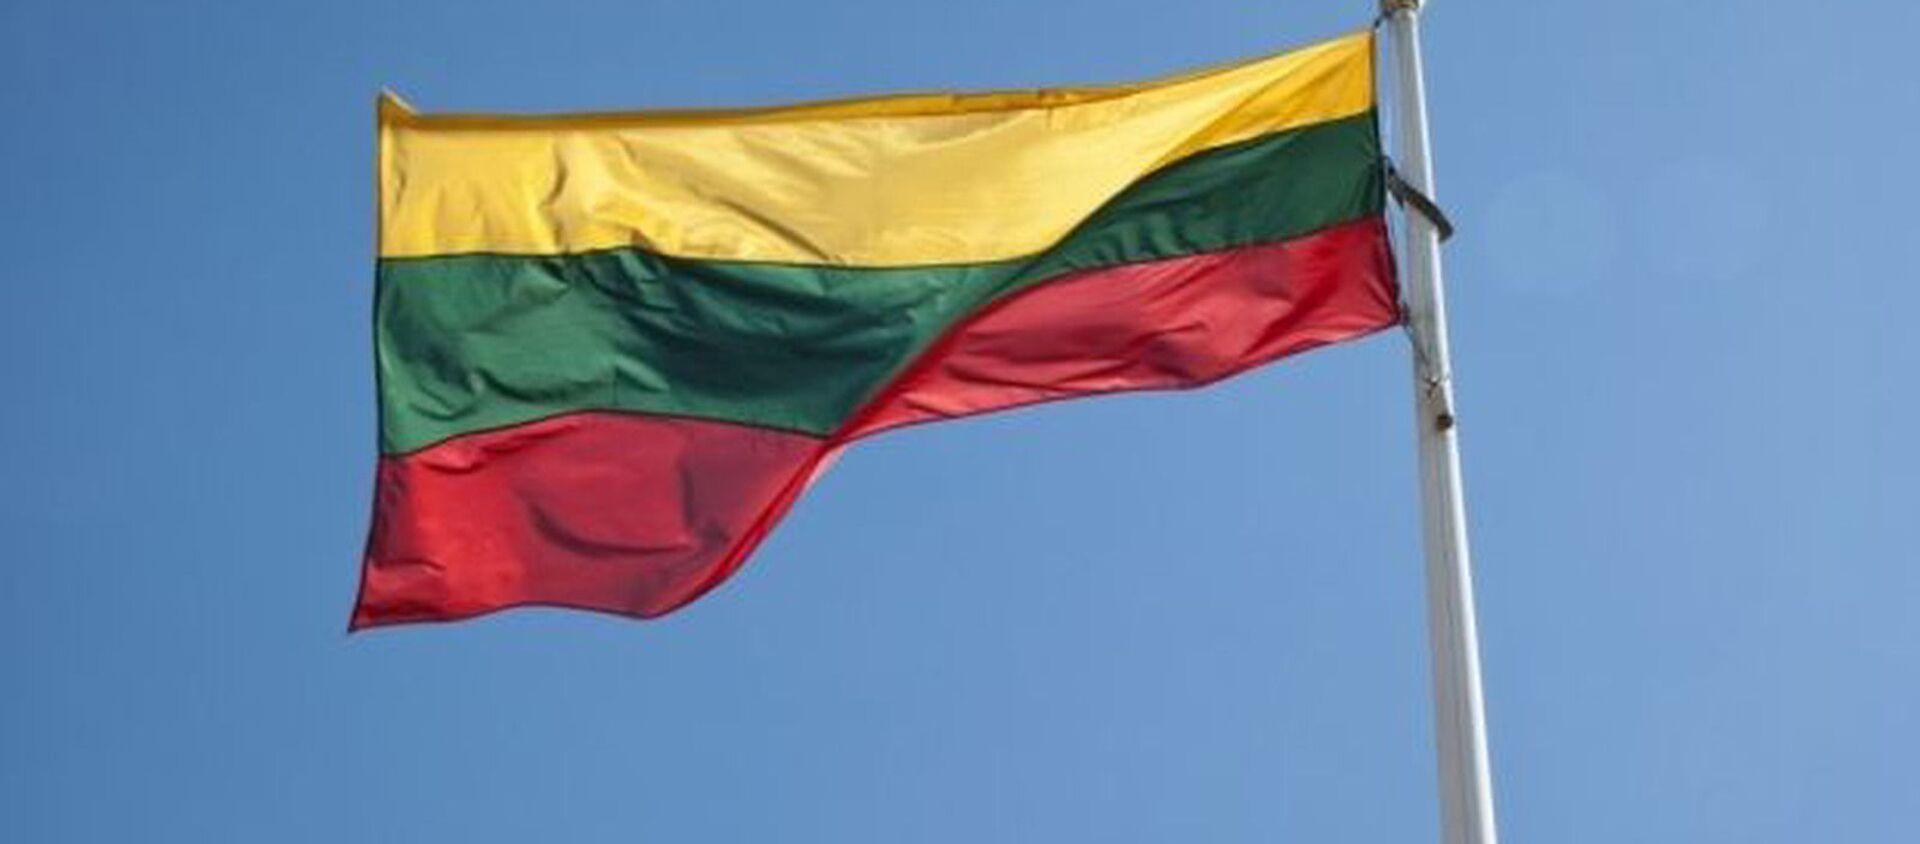 Litvanya bayrağı - Sputnik Türkiye, 1920, 07.07.2021